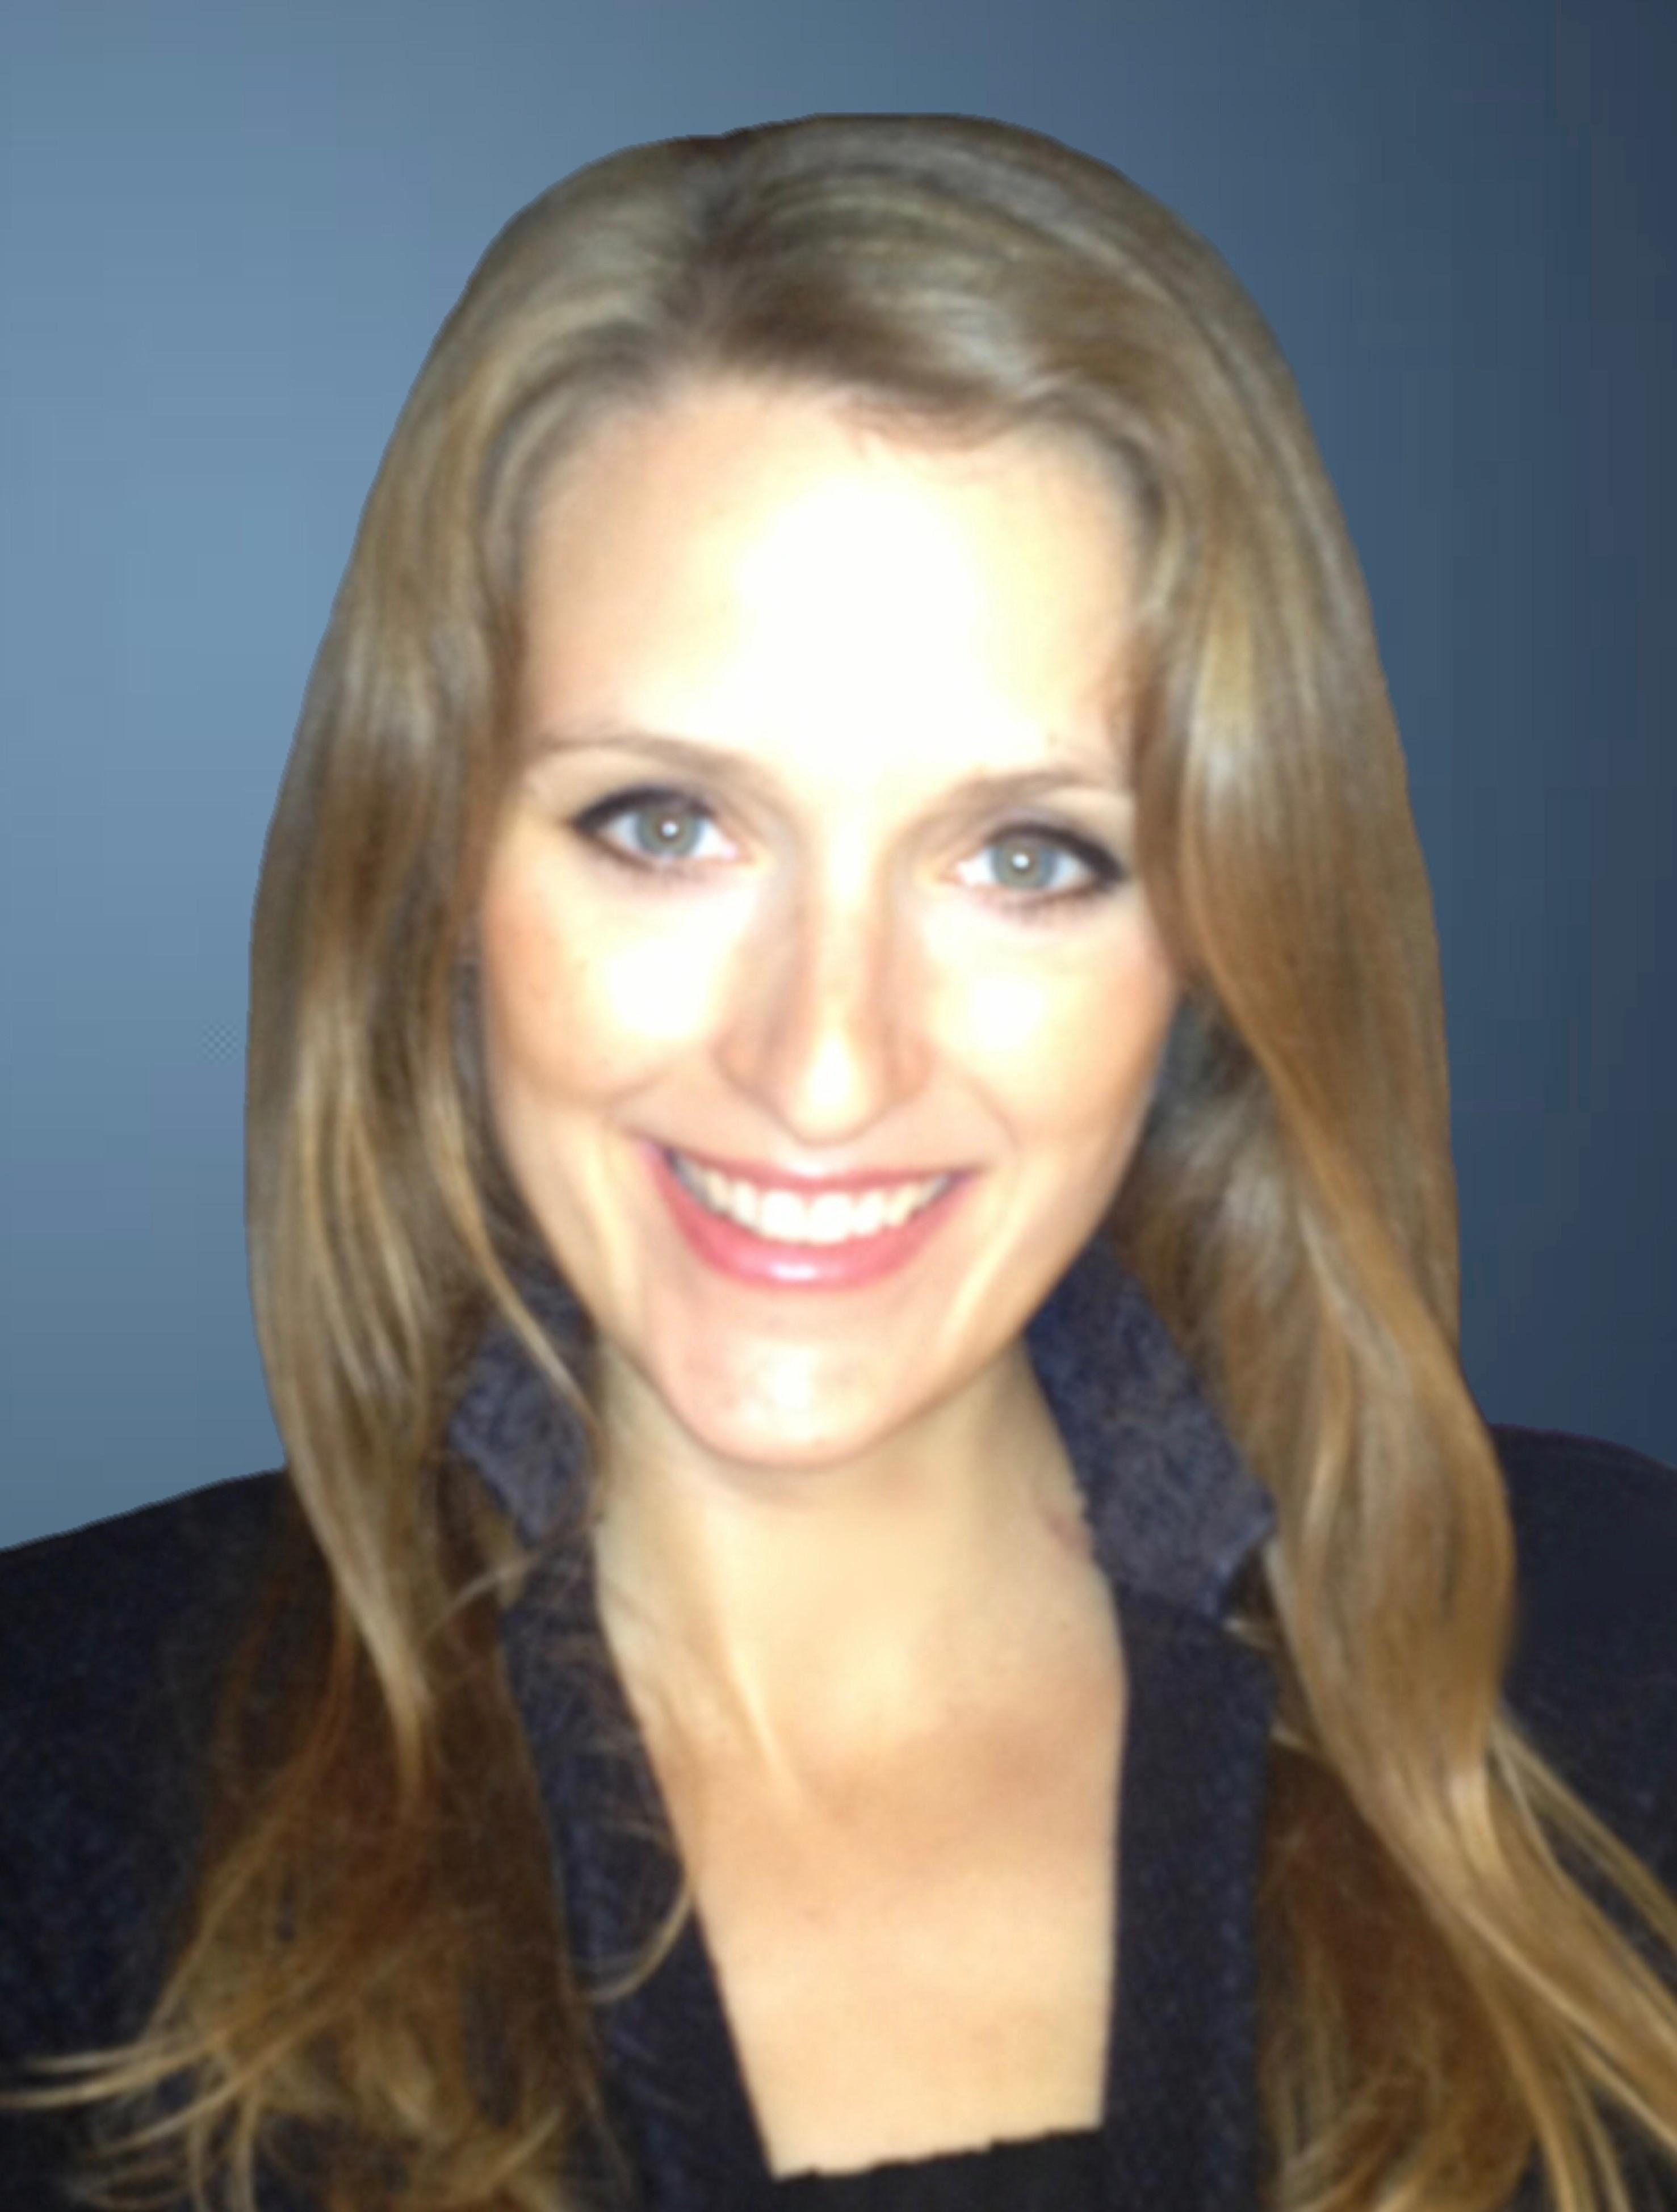 Sara Petchy